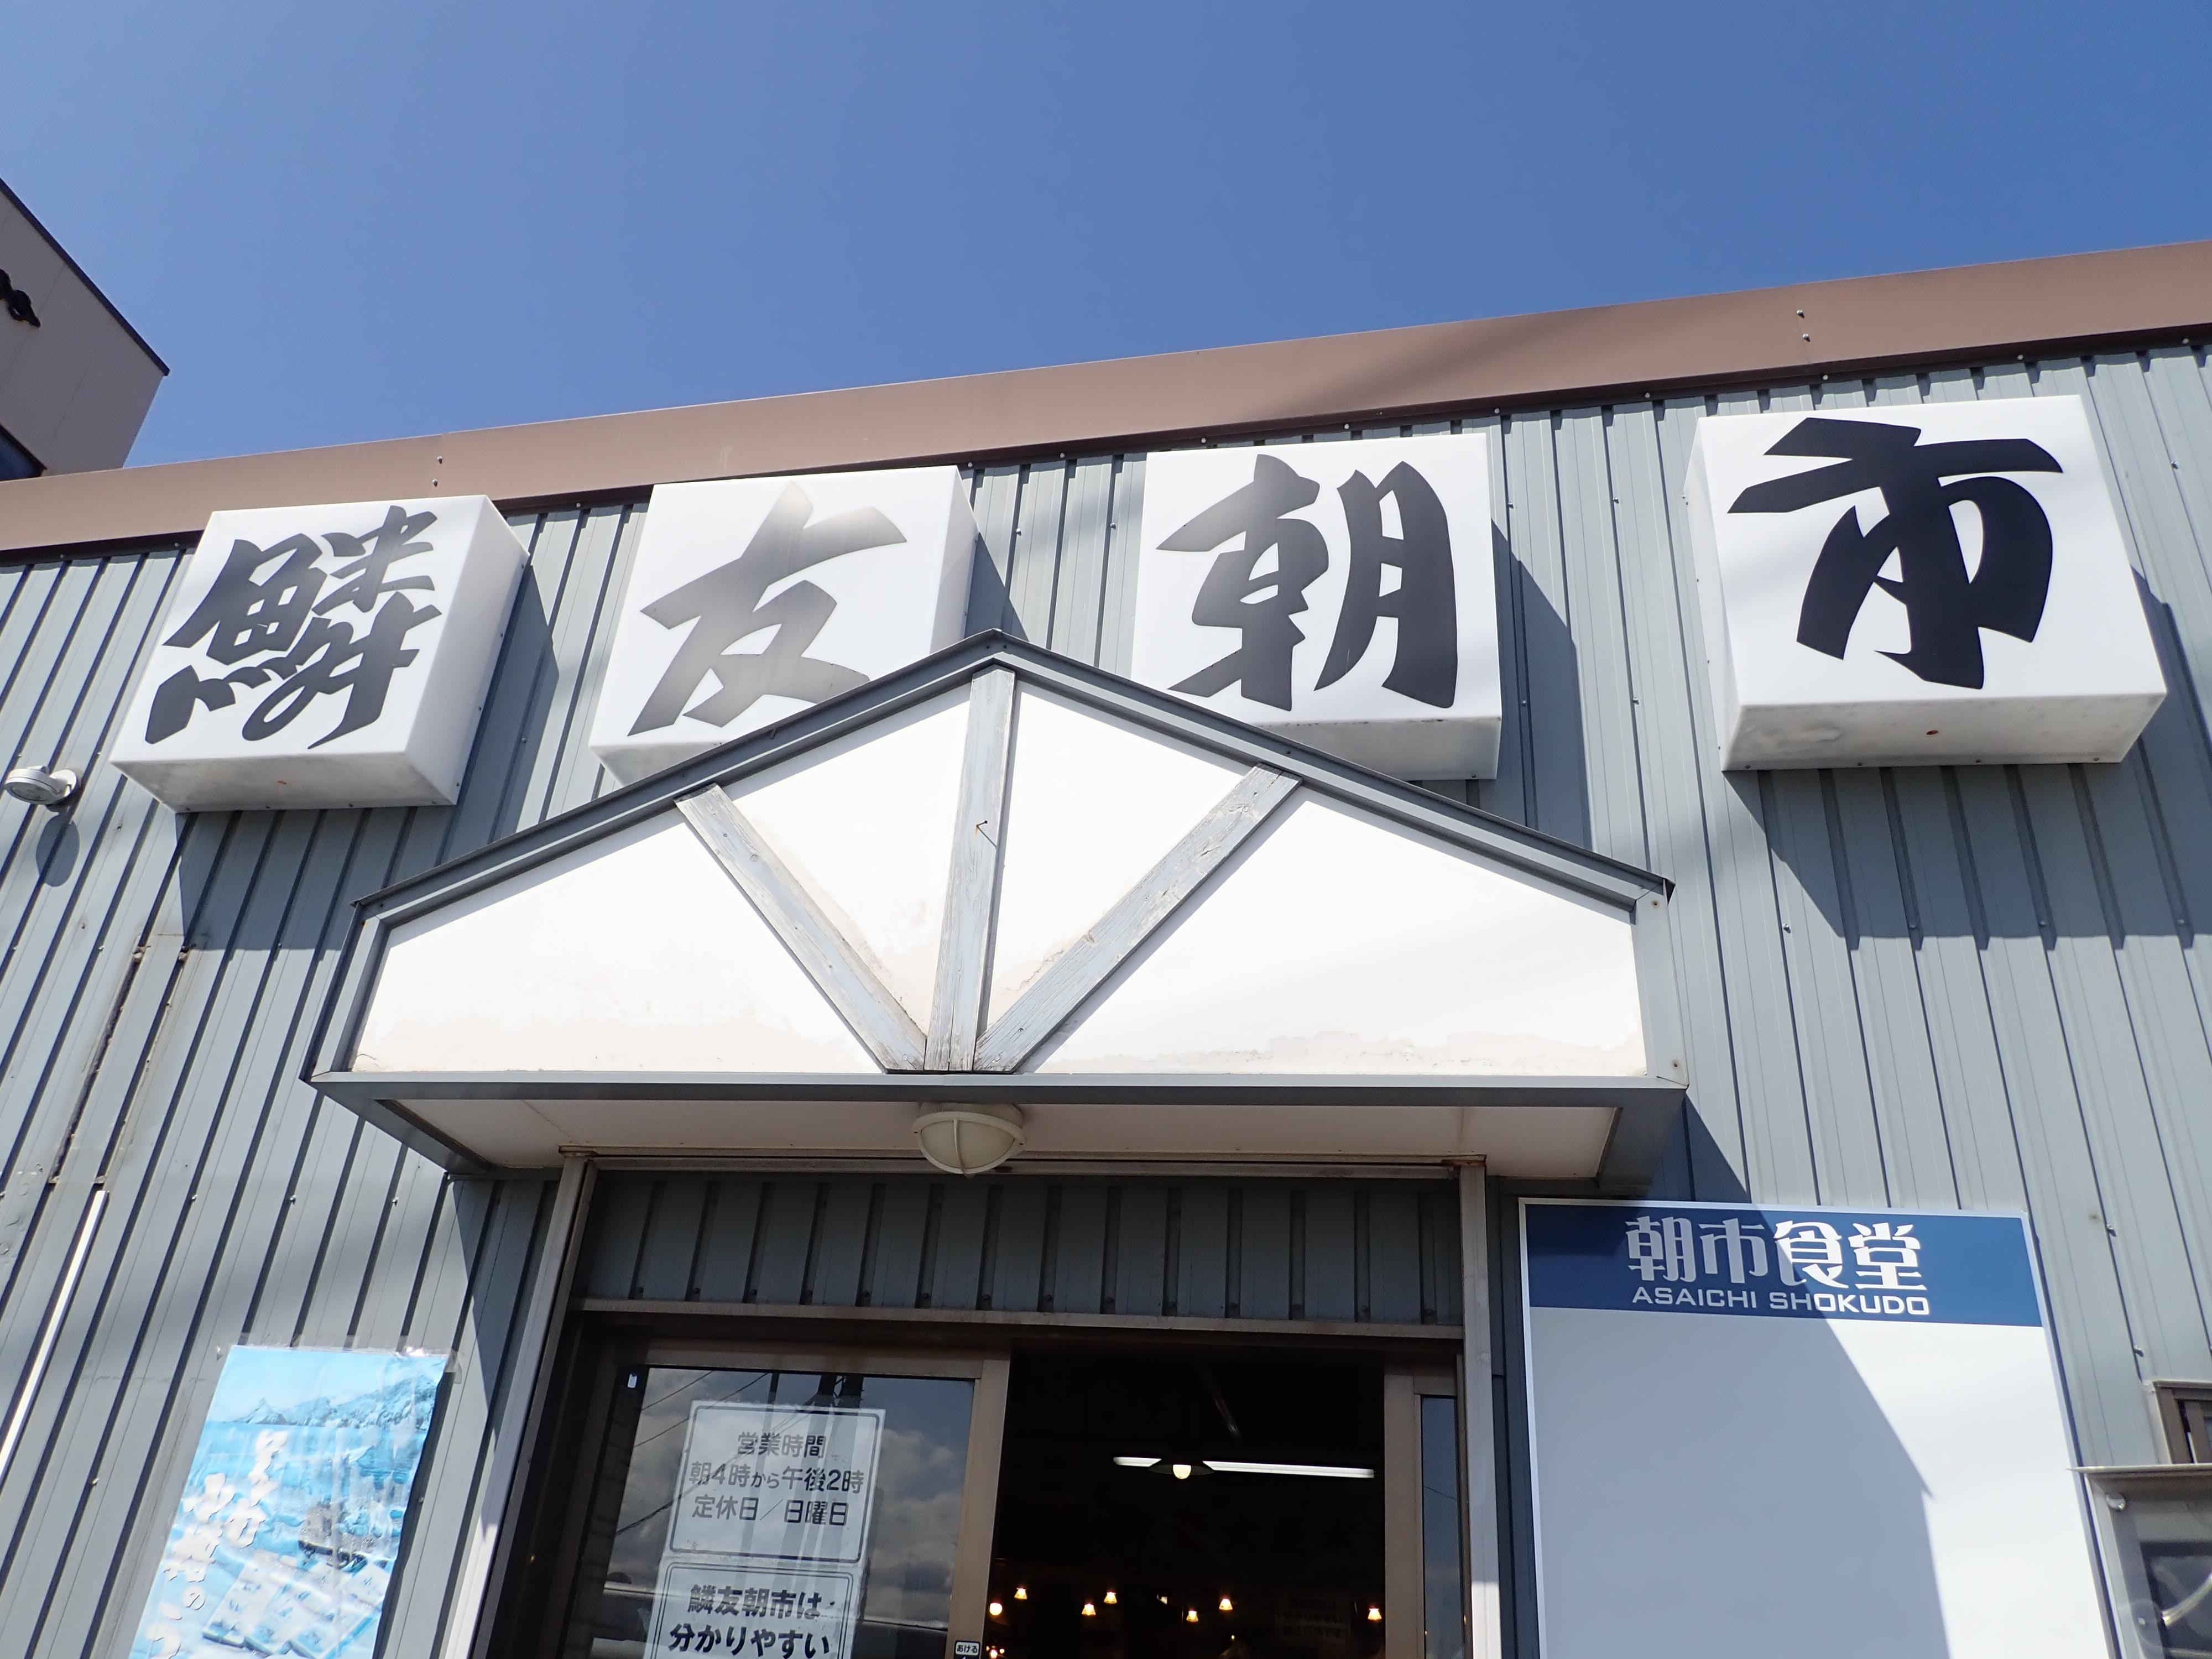 小樽で地元民に教えられた美味しい朝食が食べられる麟友朝市